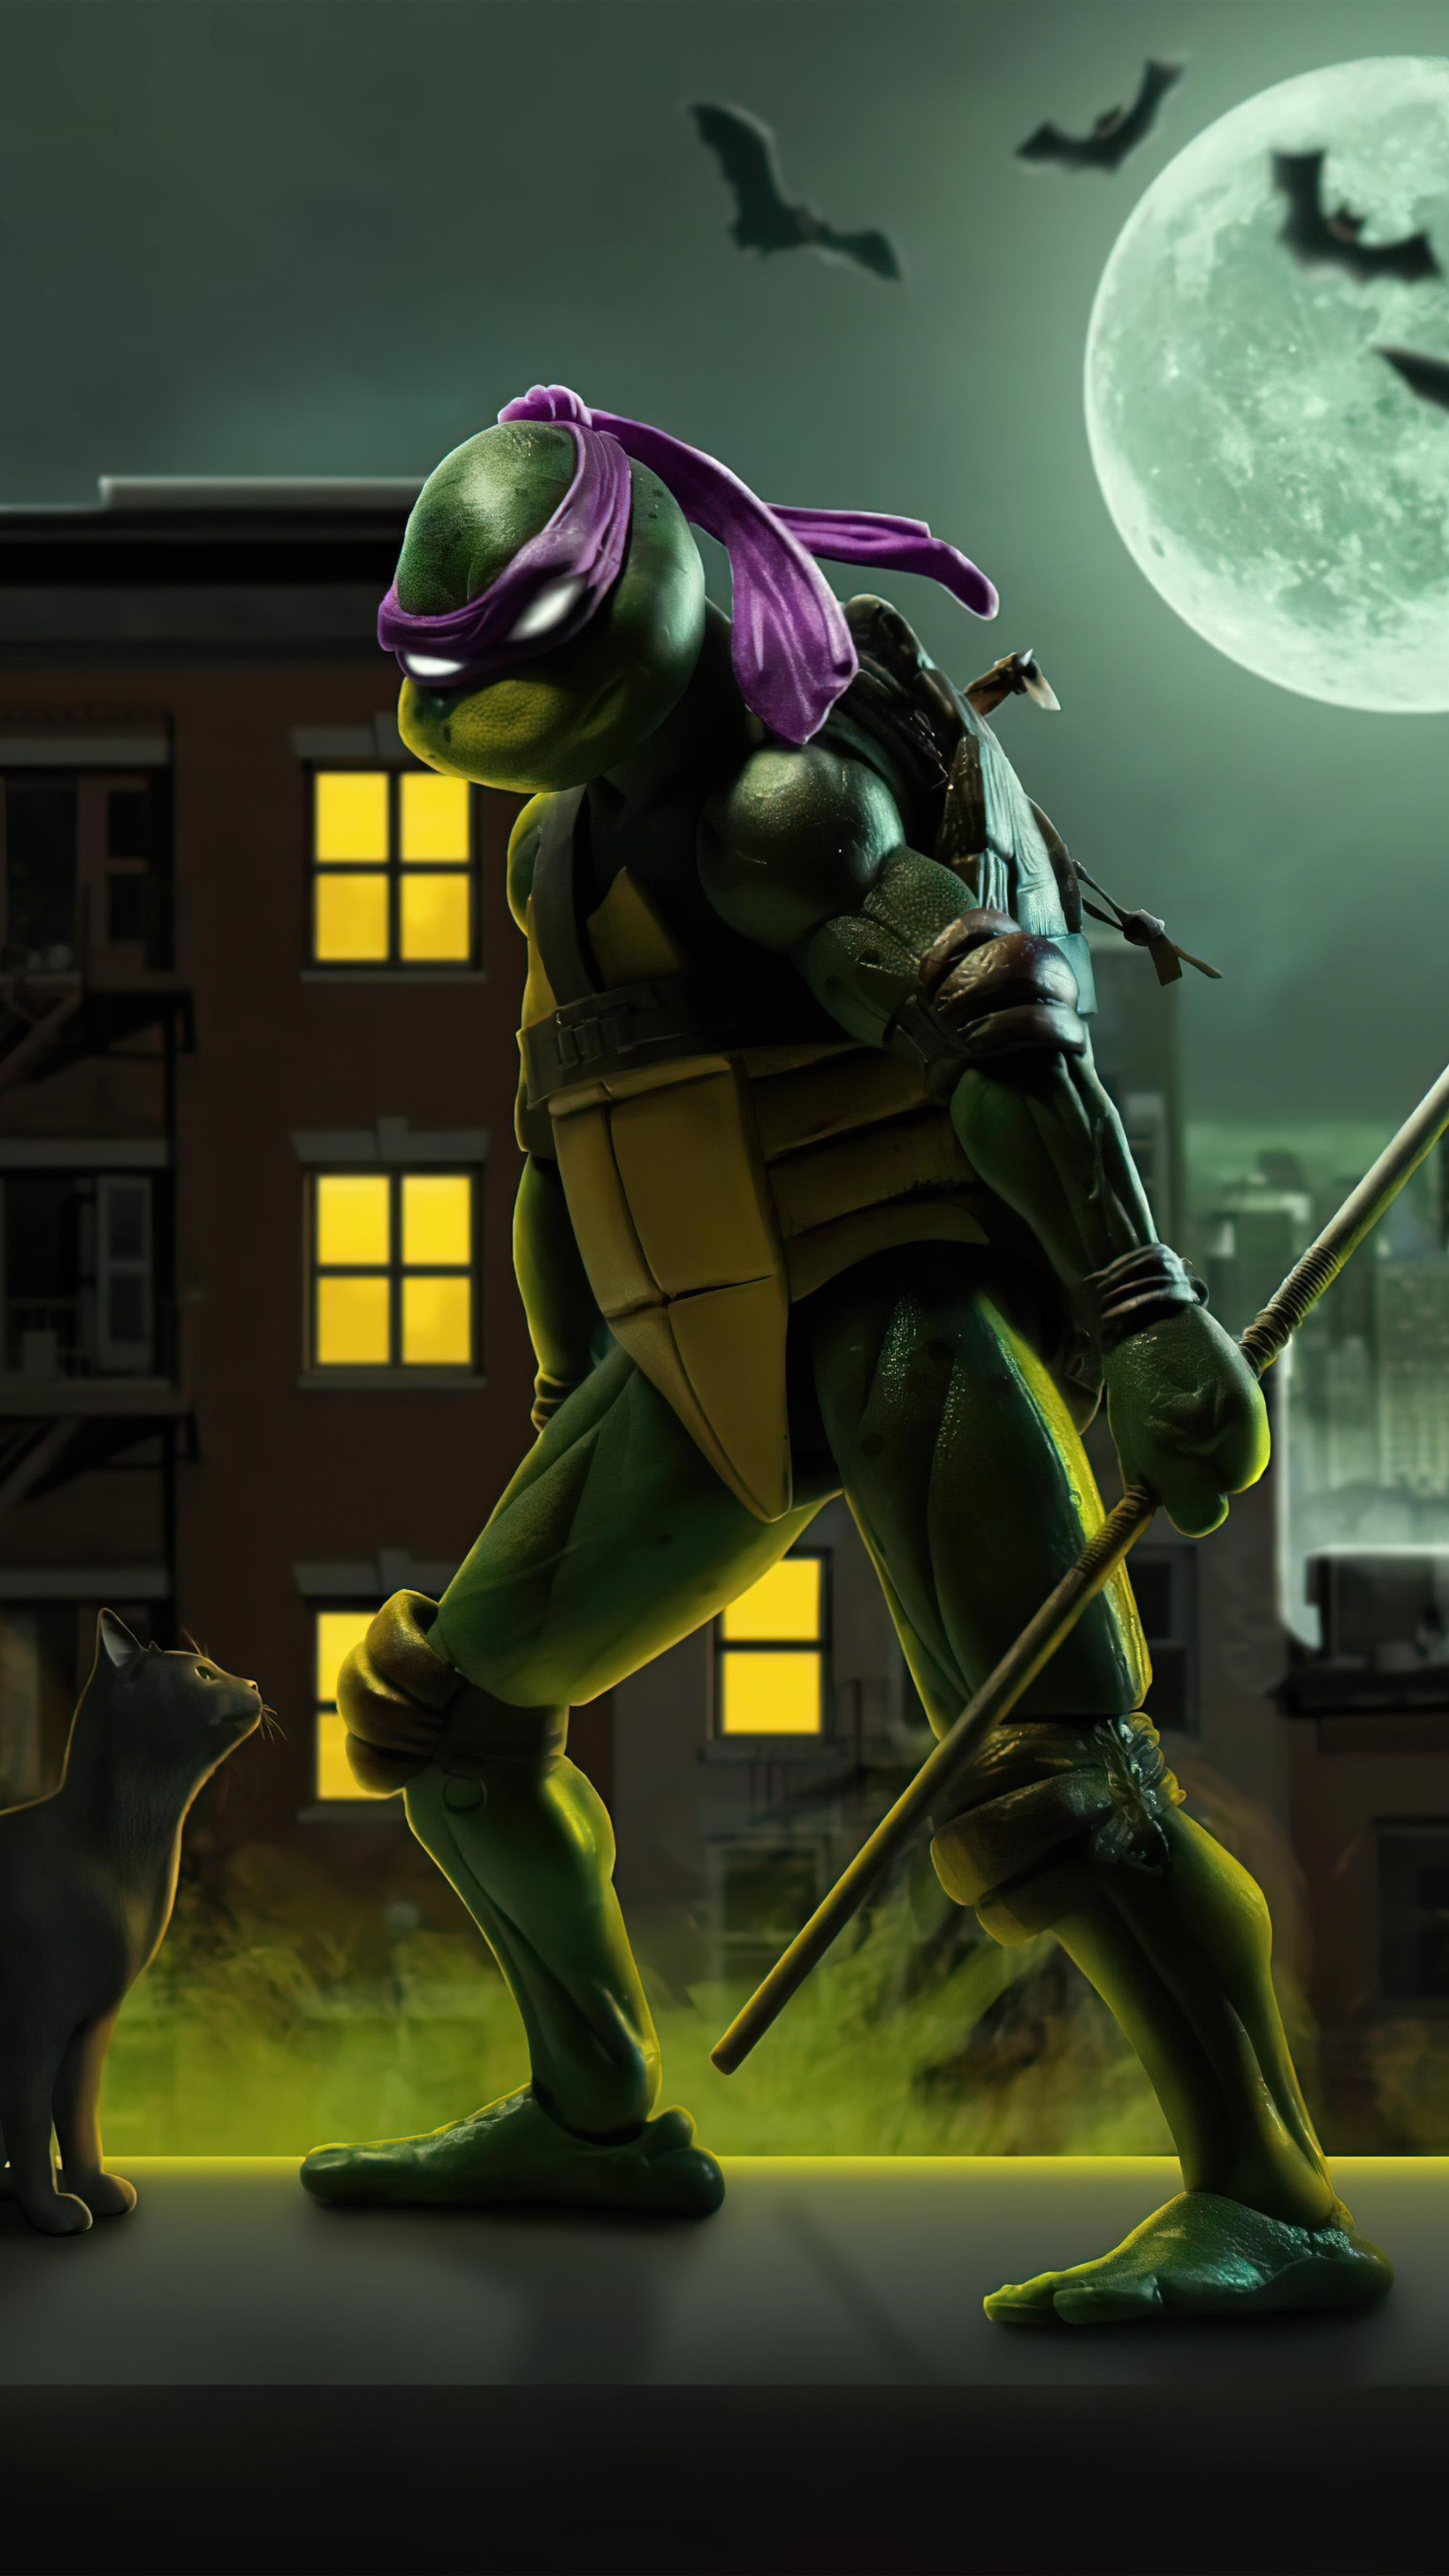 donatello-teenage-mutant-ninja-turtles-5k-vs.jpg